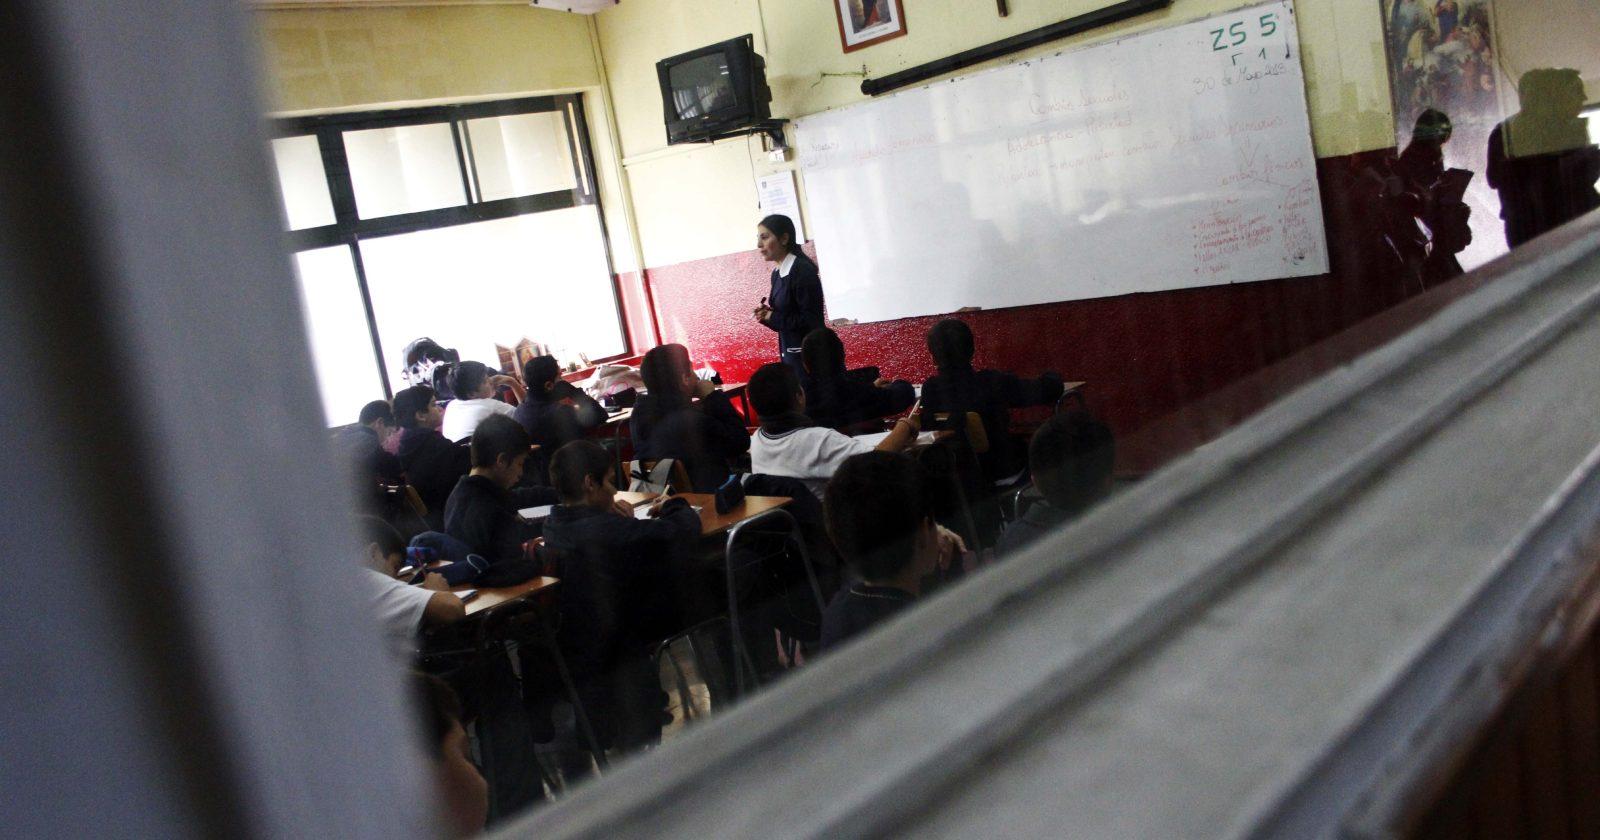 Colegio de La Serena deberá pagar millonaria indemnización a alumno víctima de bullying